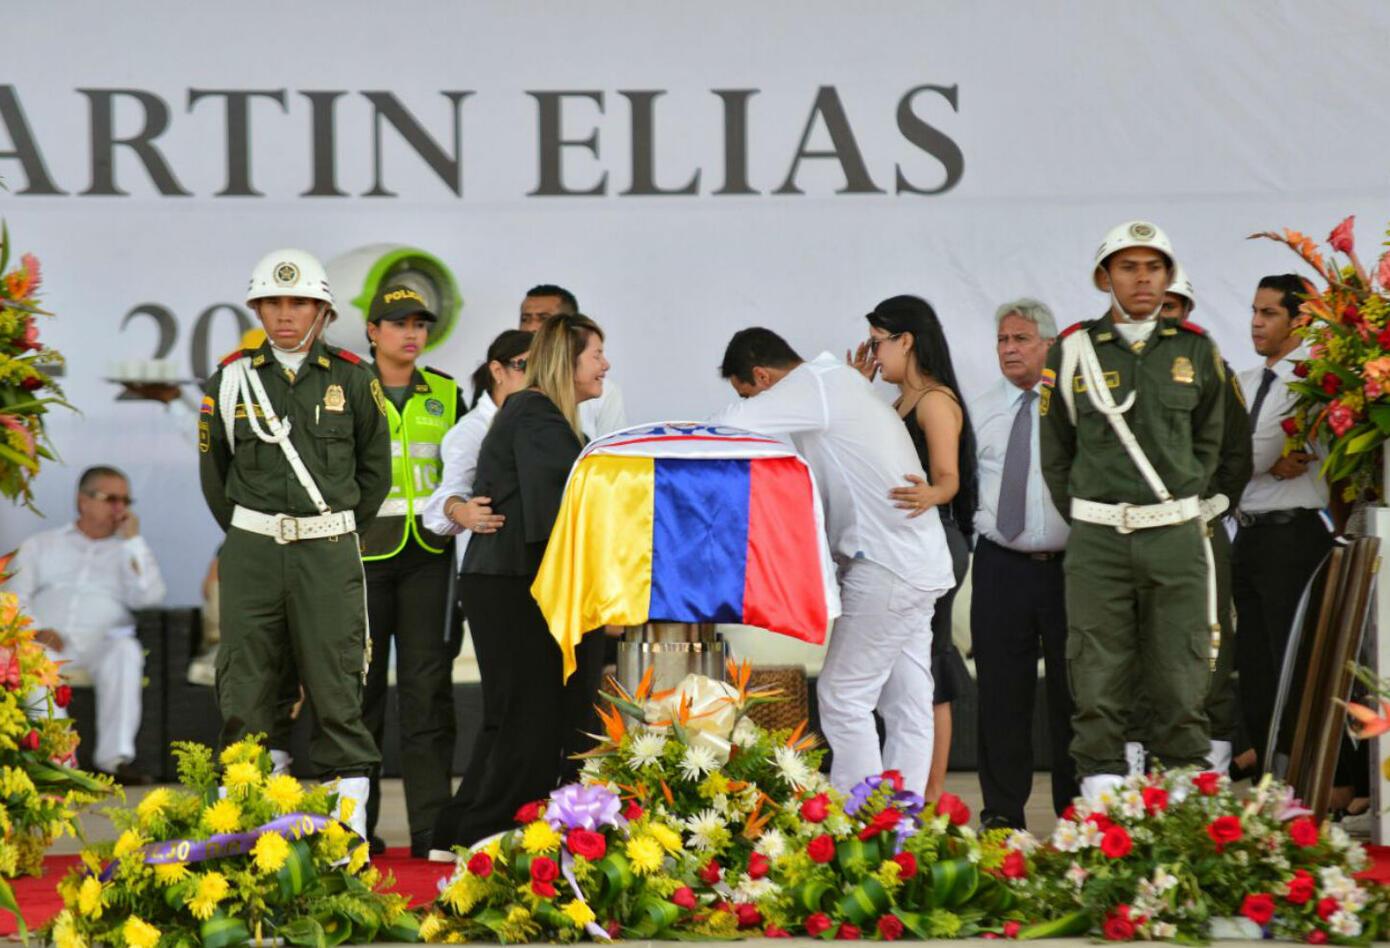 Entierro de Martín Elías